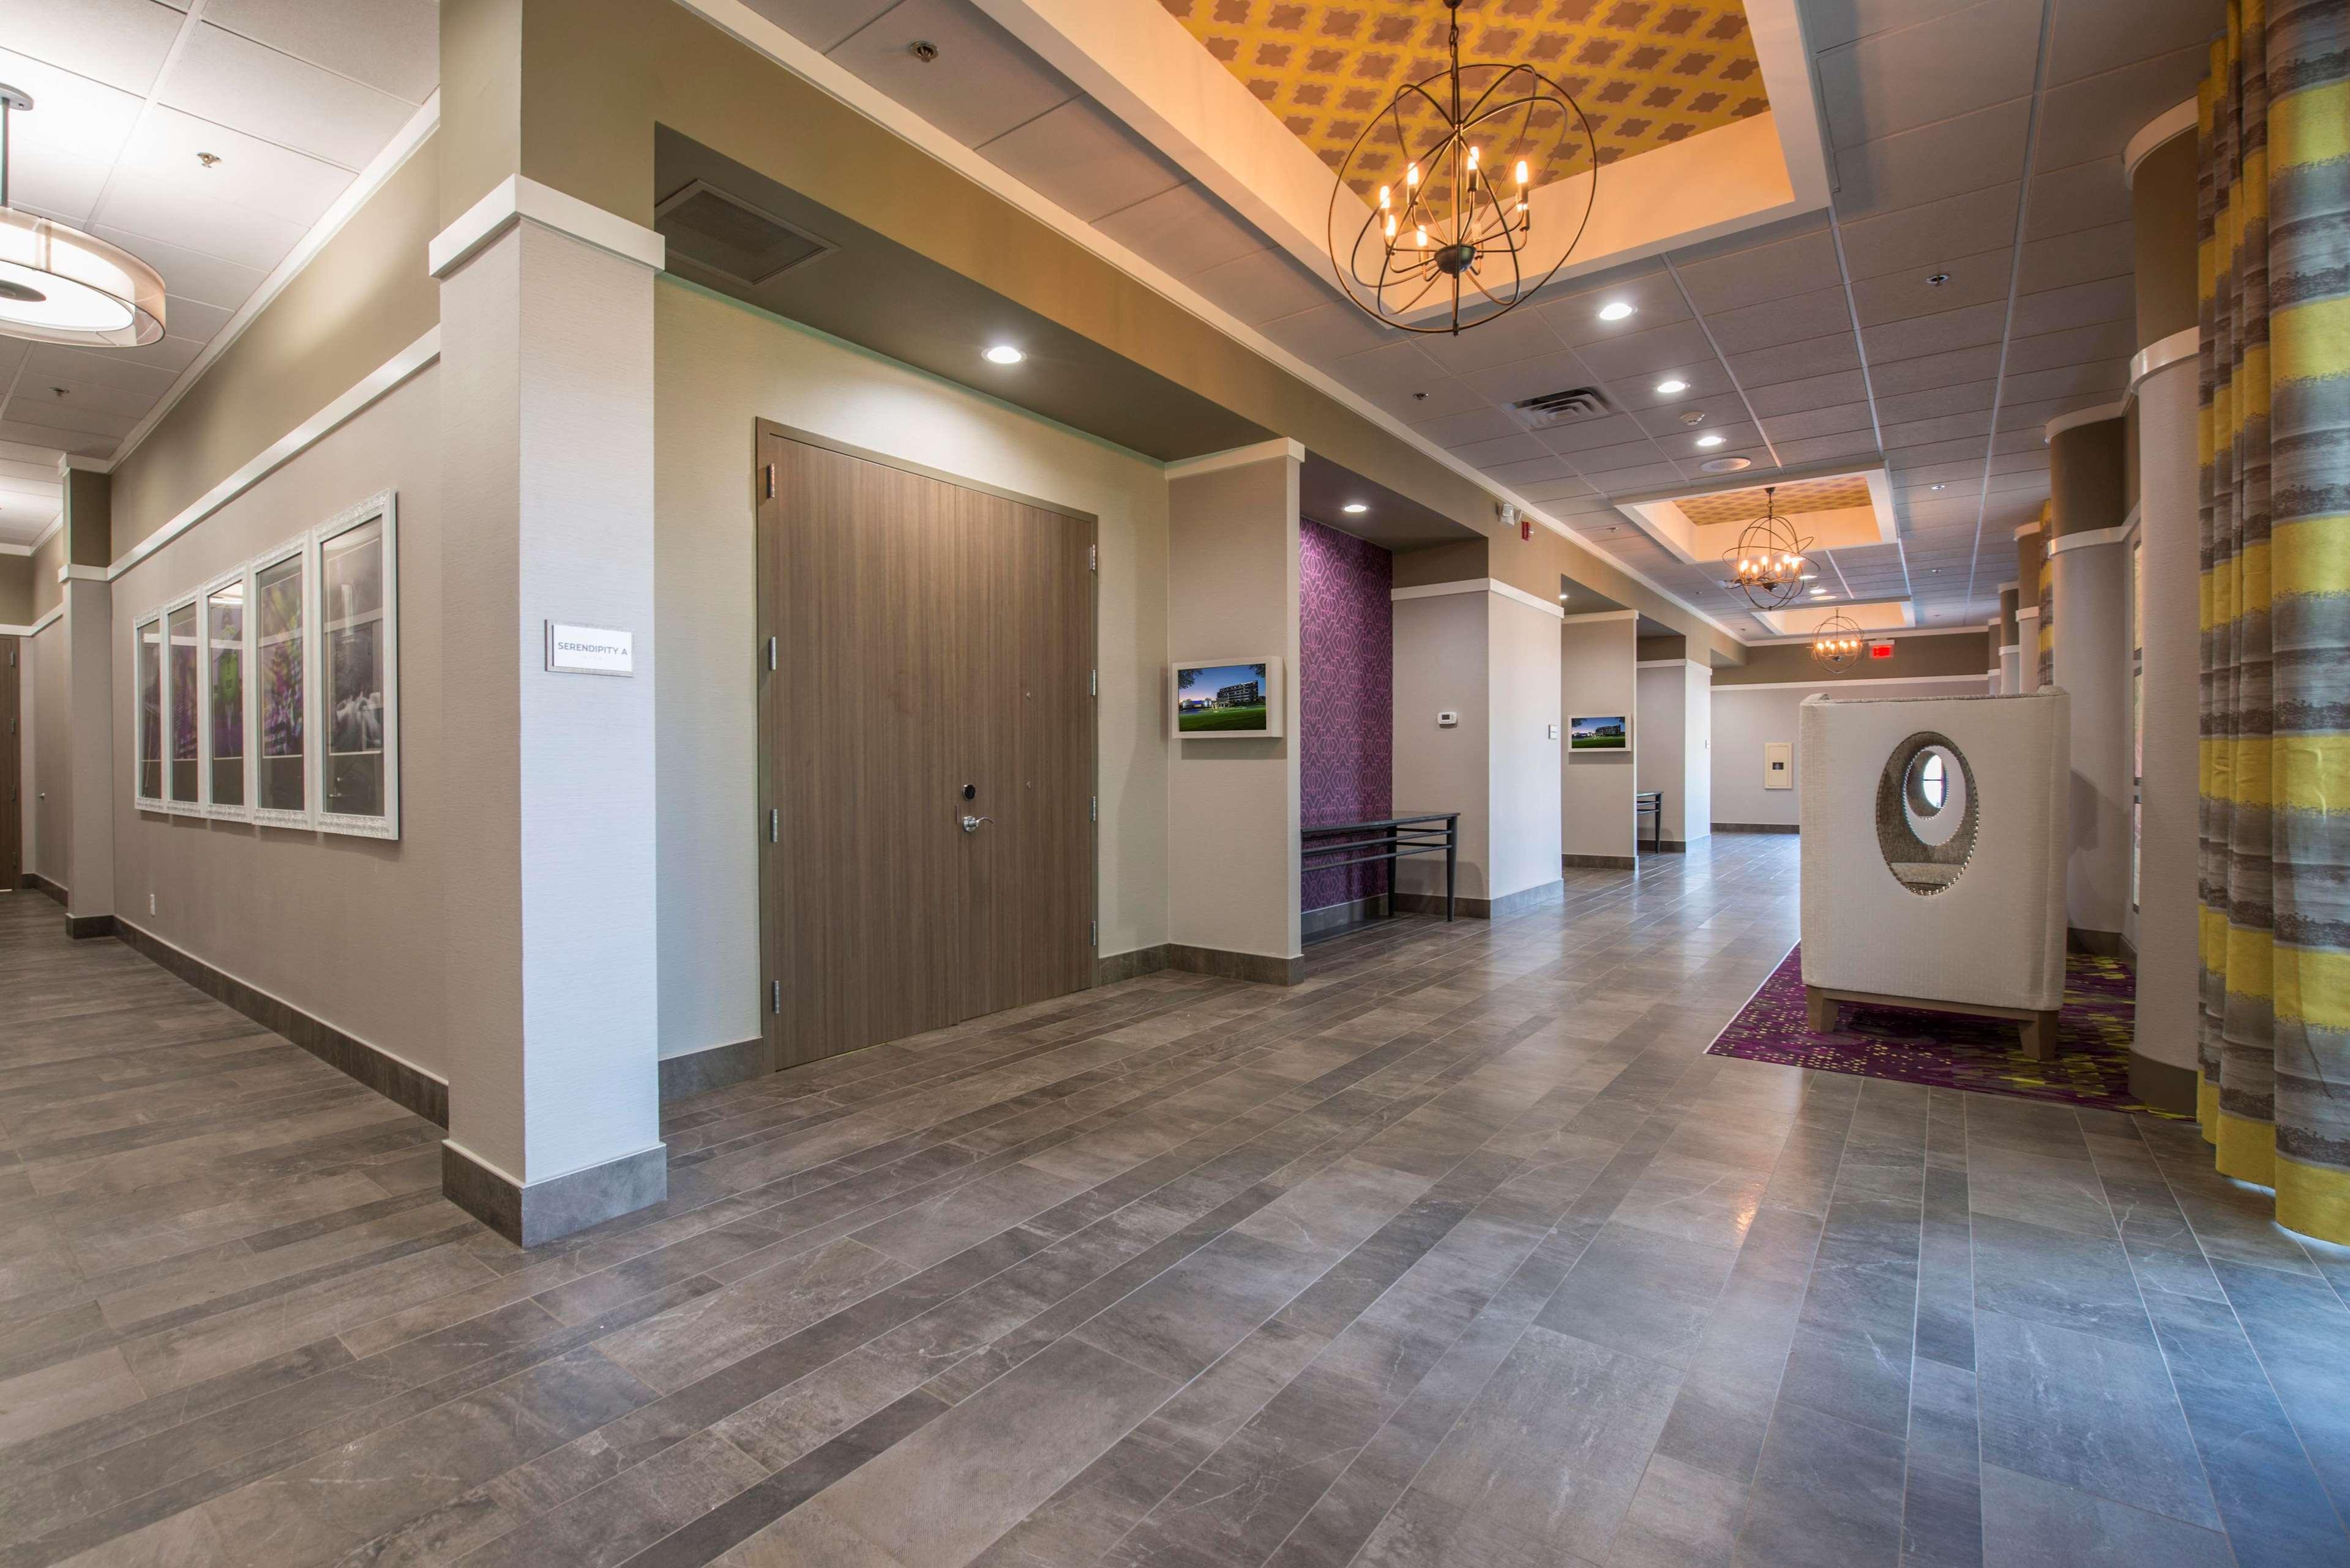 DoubleTree by Hilton Hotel Winston Salem - University image 17